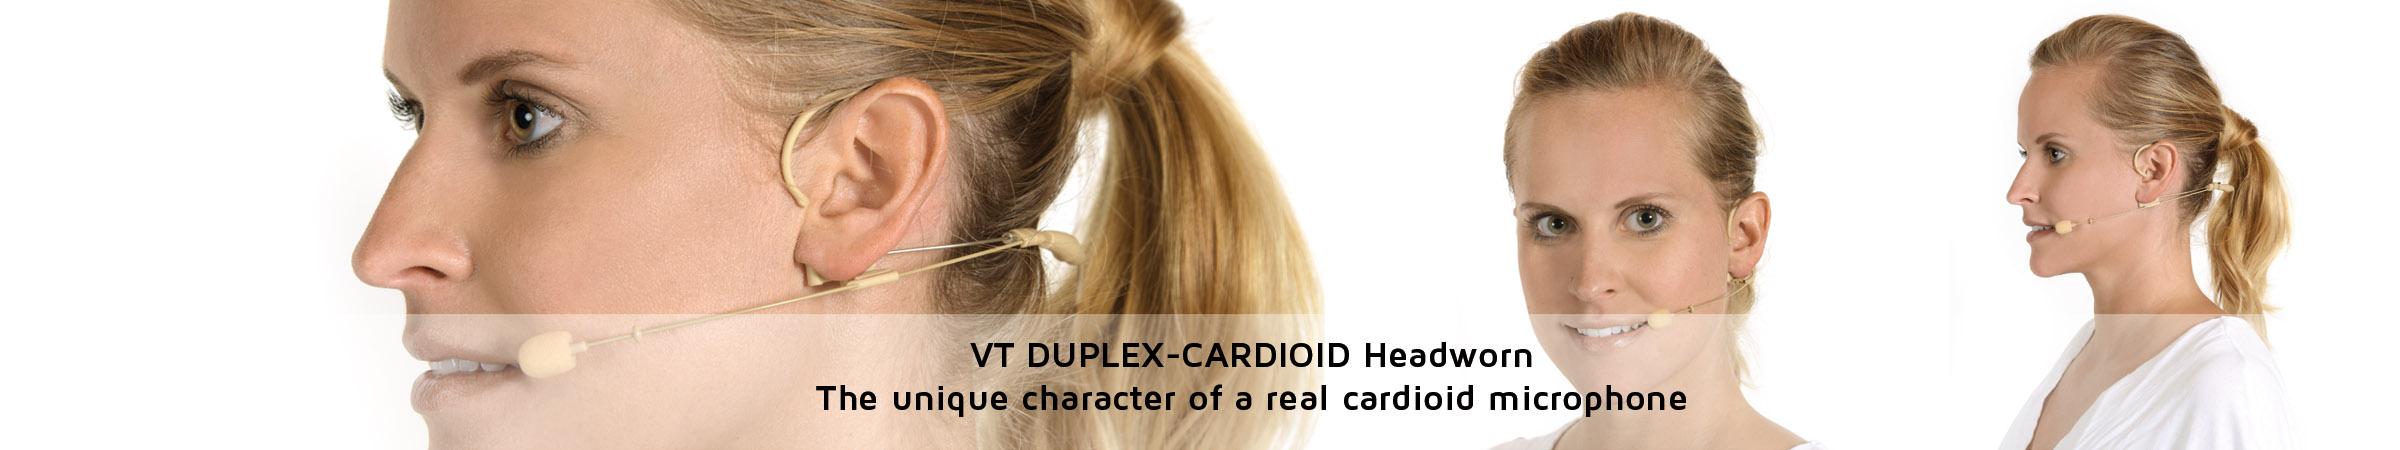 Slider_Front_Duplex_Cardioid